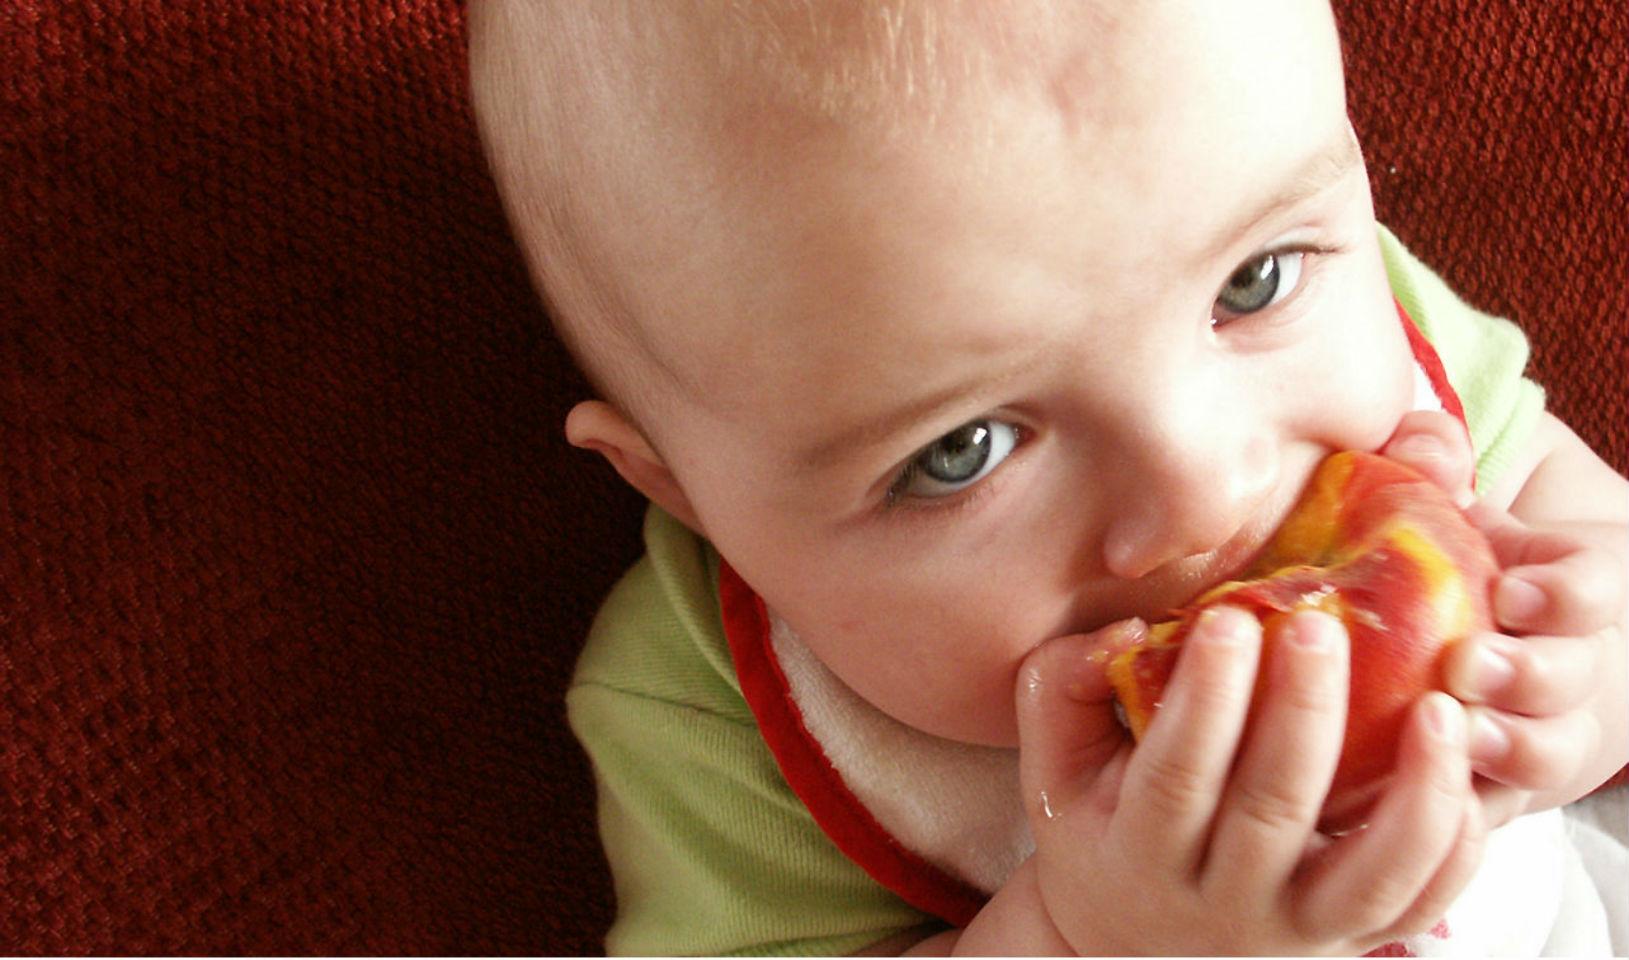 Dicas que vão ajudar o seu bebê a começar a comer normalmente